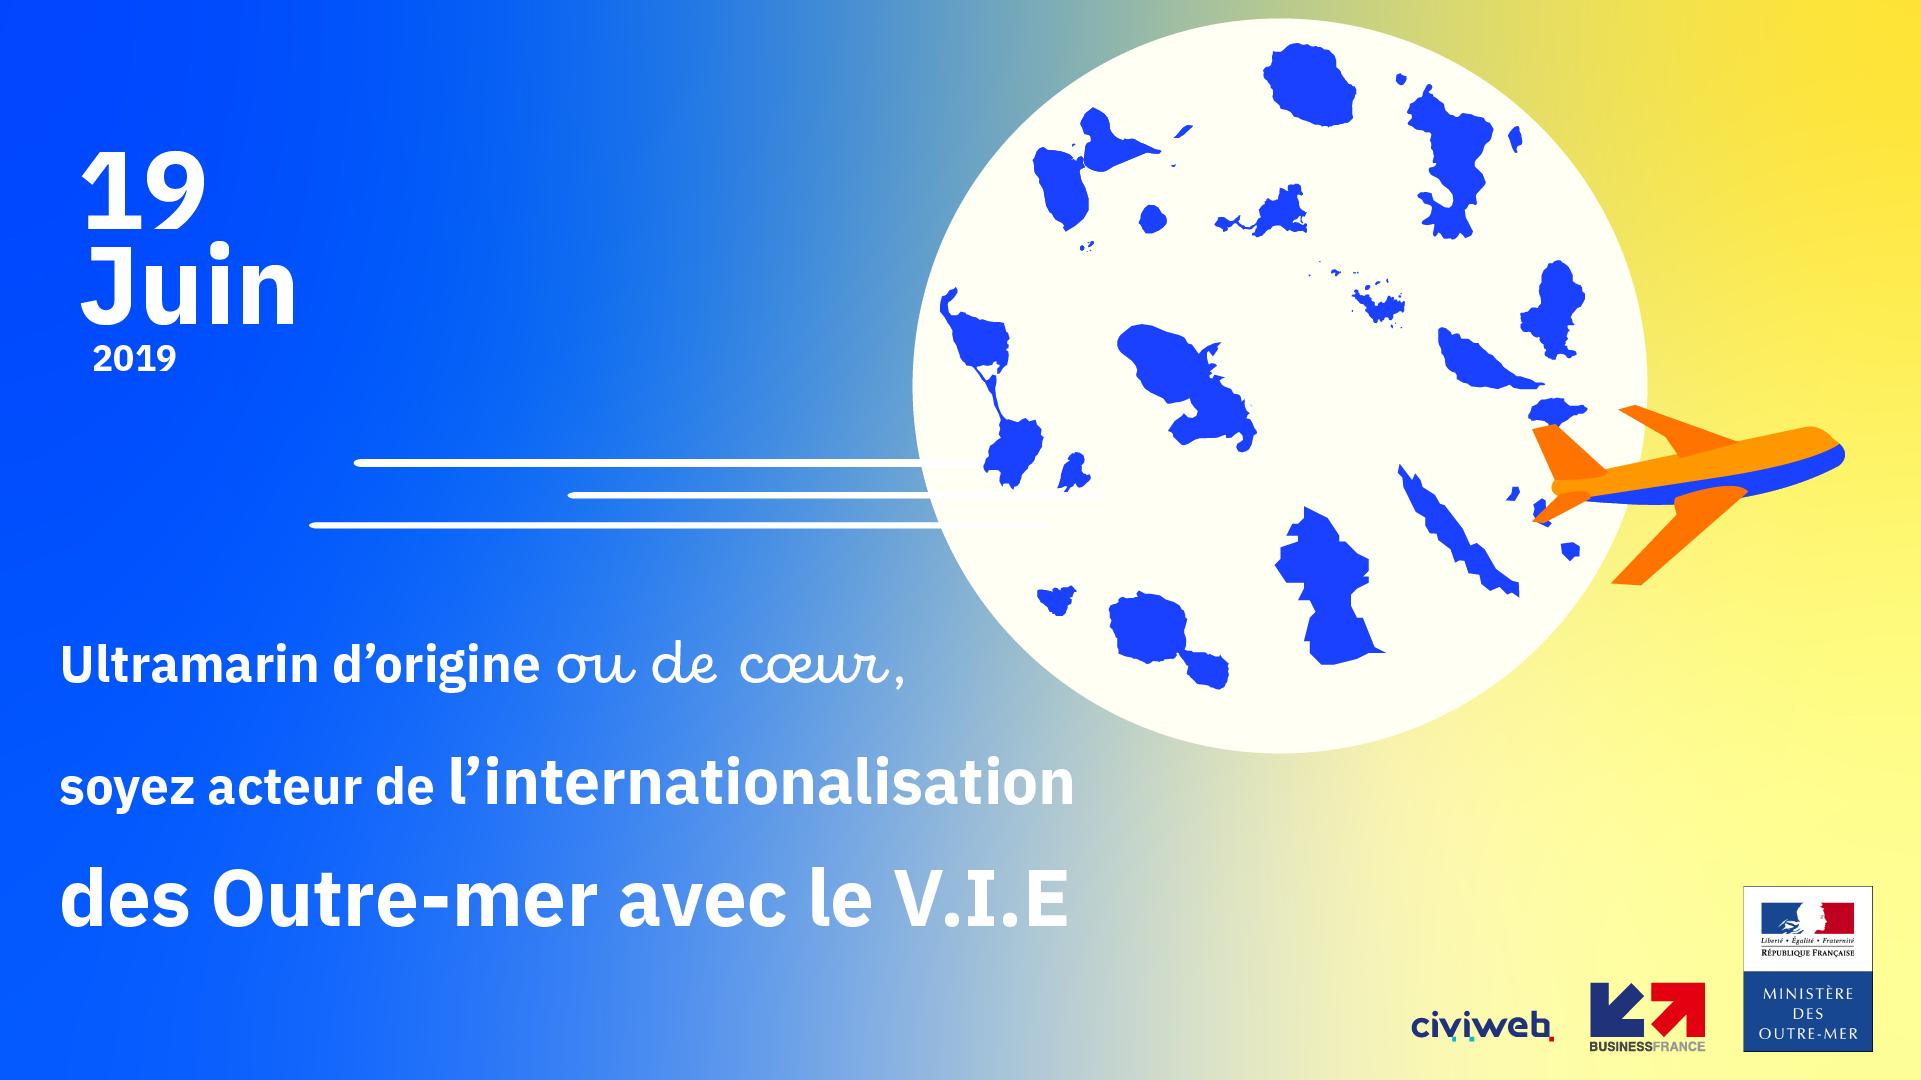 Emplois : Business France veut sensibiliser les jeunes ultramarins à l'internationalisation